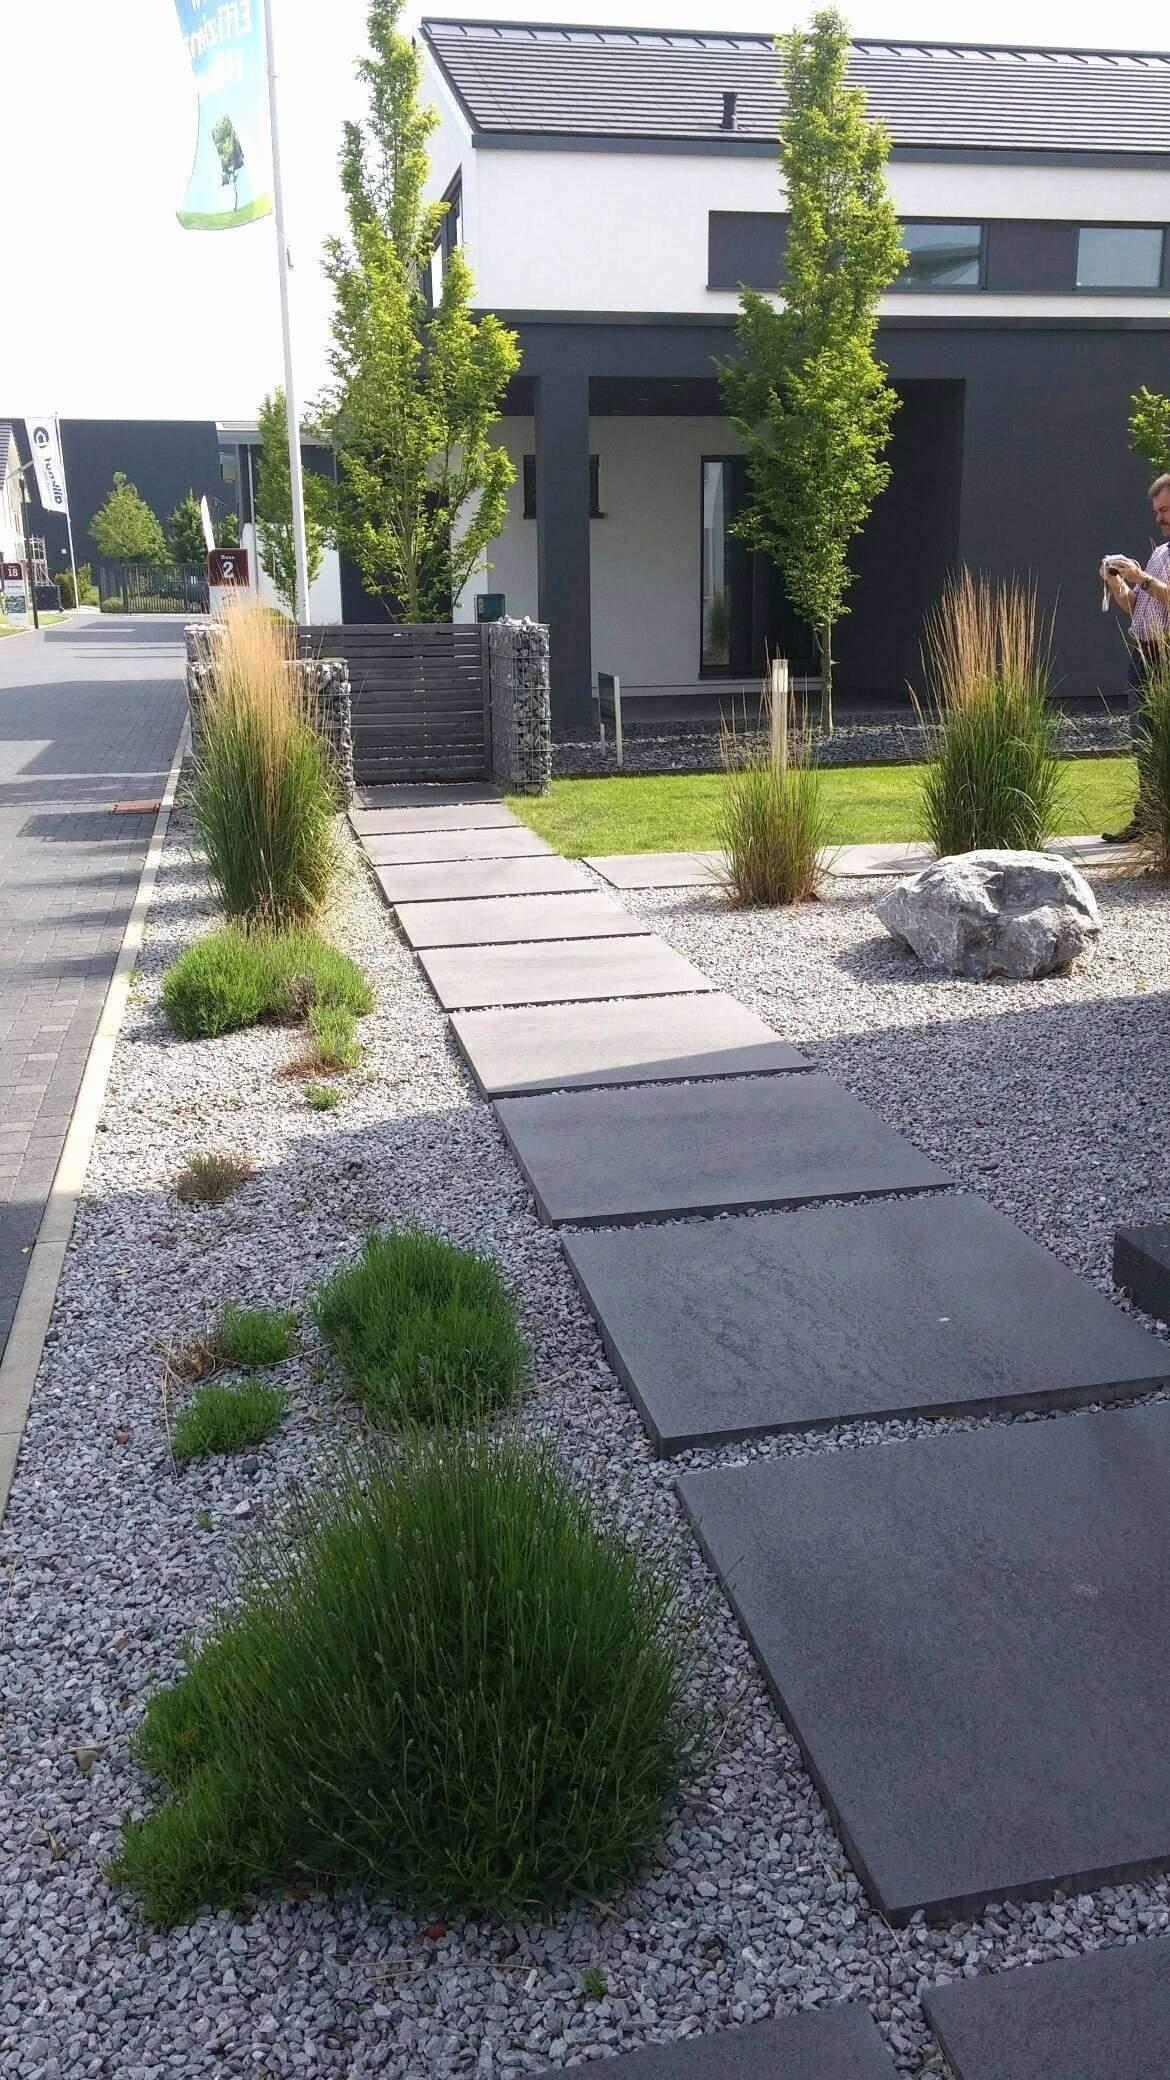 Haus Garten Einzigartig Garten Ideas Garten Anlegen Lovely Aussenleuchten Garten 0d